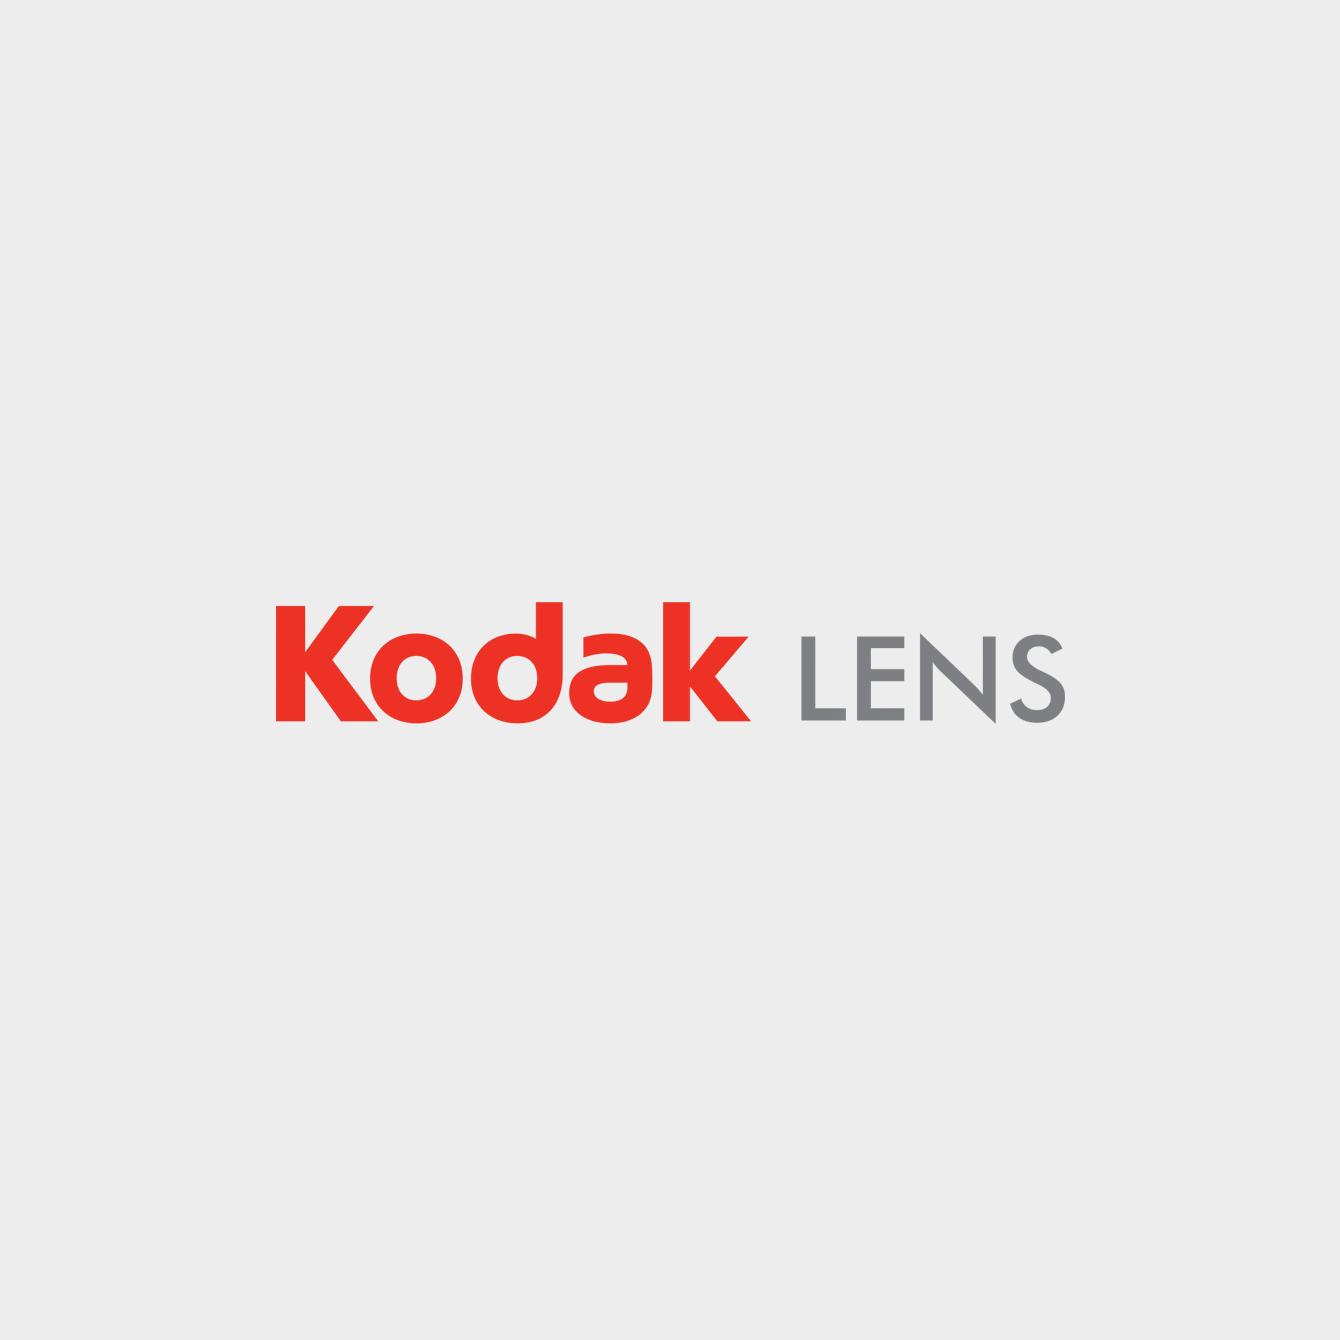 Kodak LENS「Neo Contrast」について